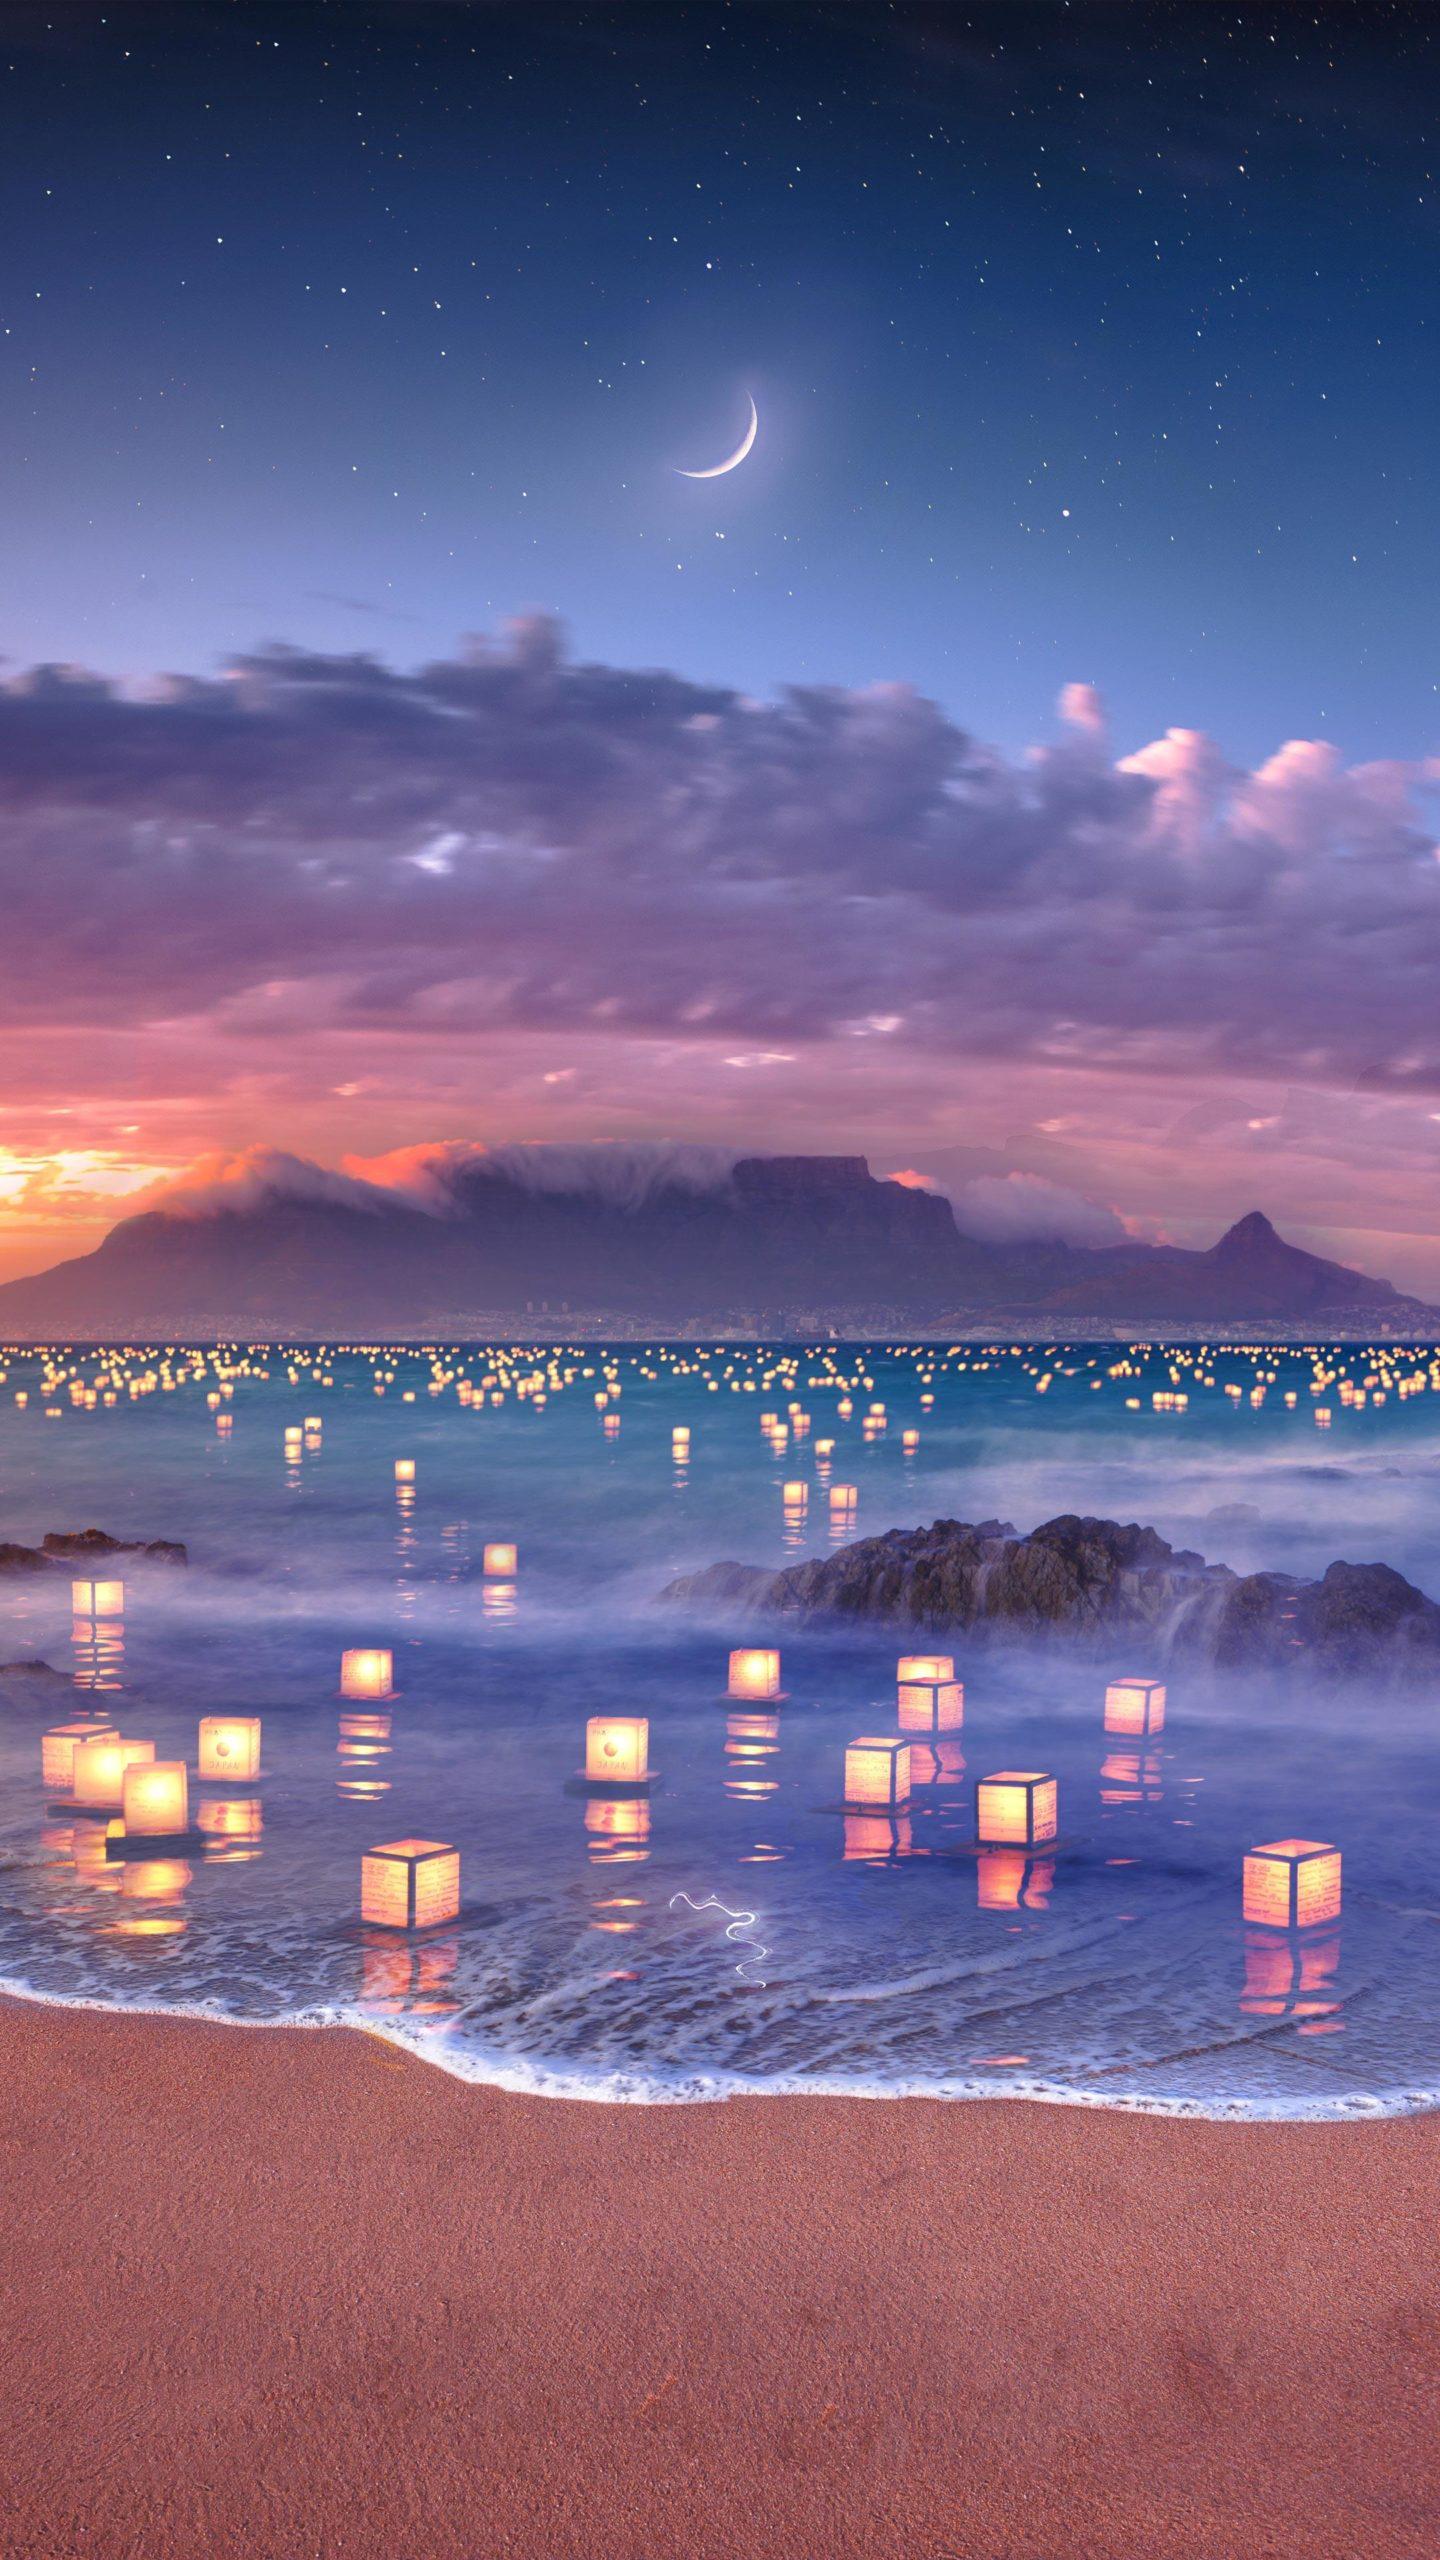 Морские фонарики Япония фонарик пляж огонь облака ночь море луна звезды горы